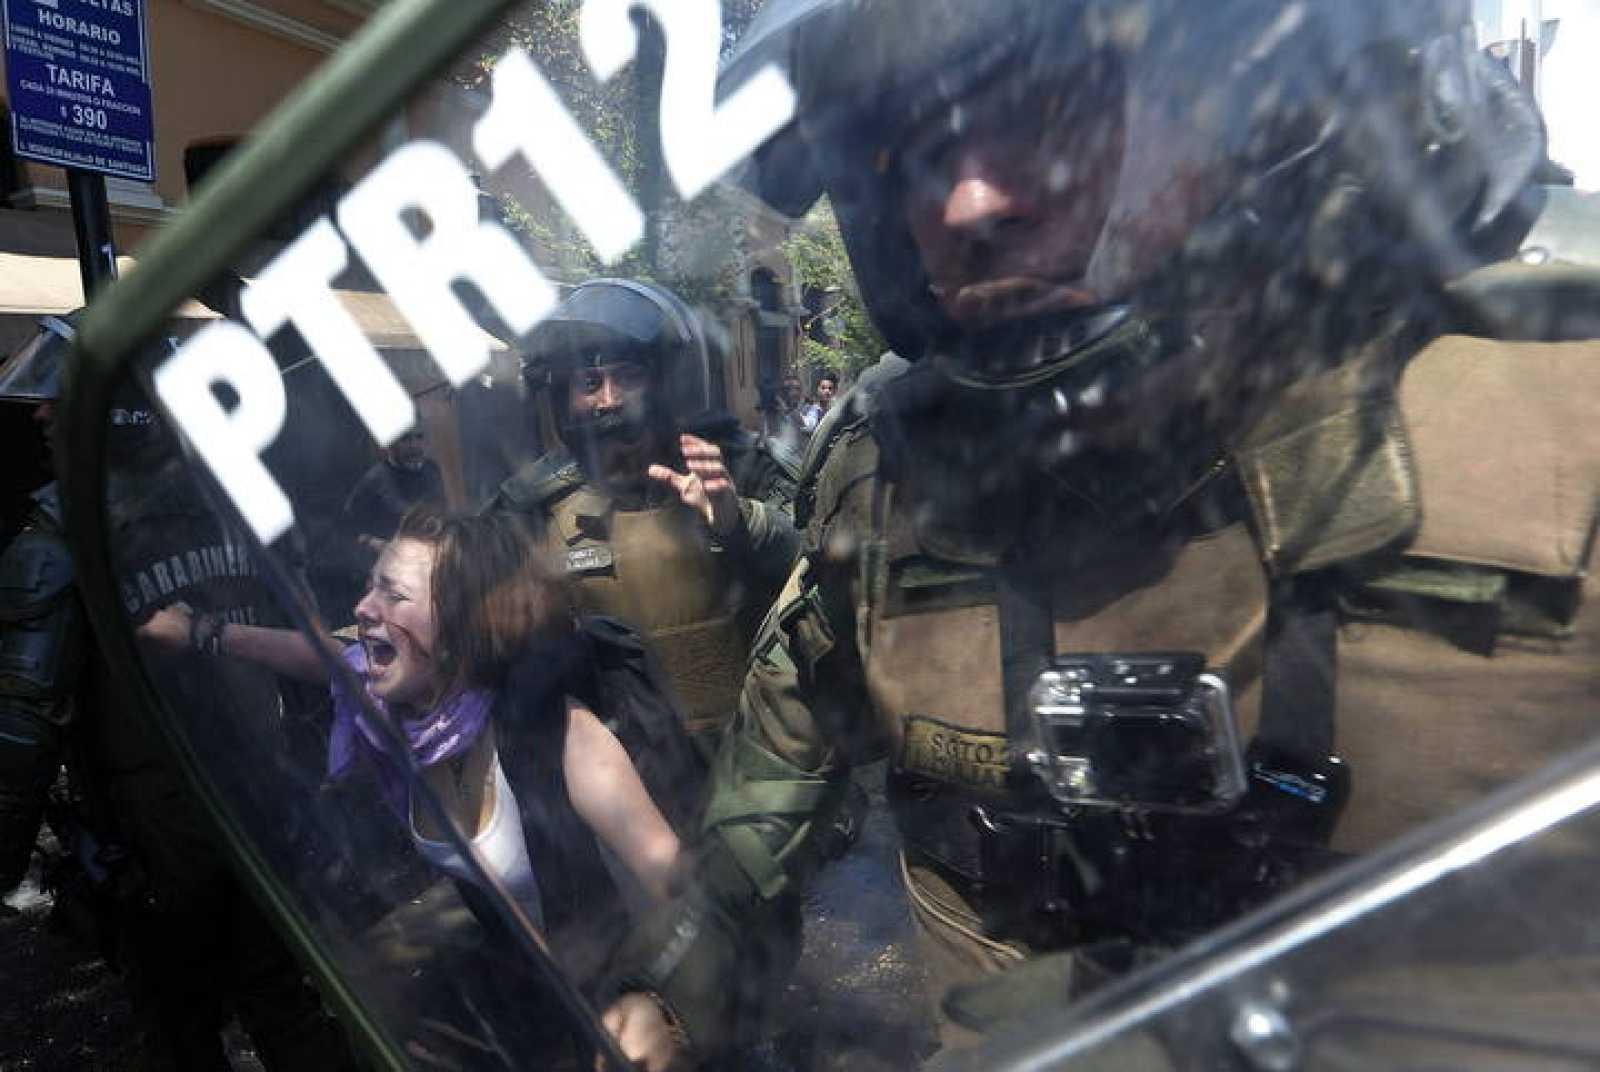 Una manifestante es detenida por miembros de la Policía de Carabineros en Santiago de Chile